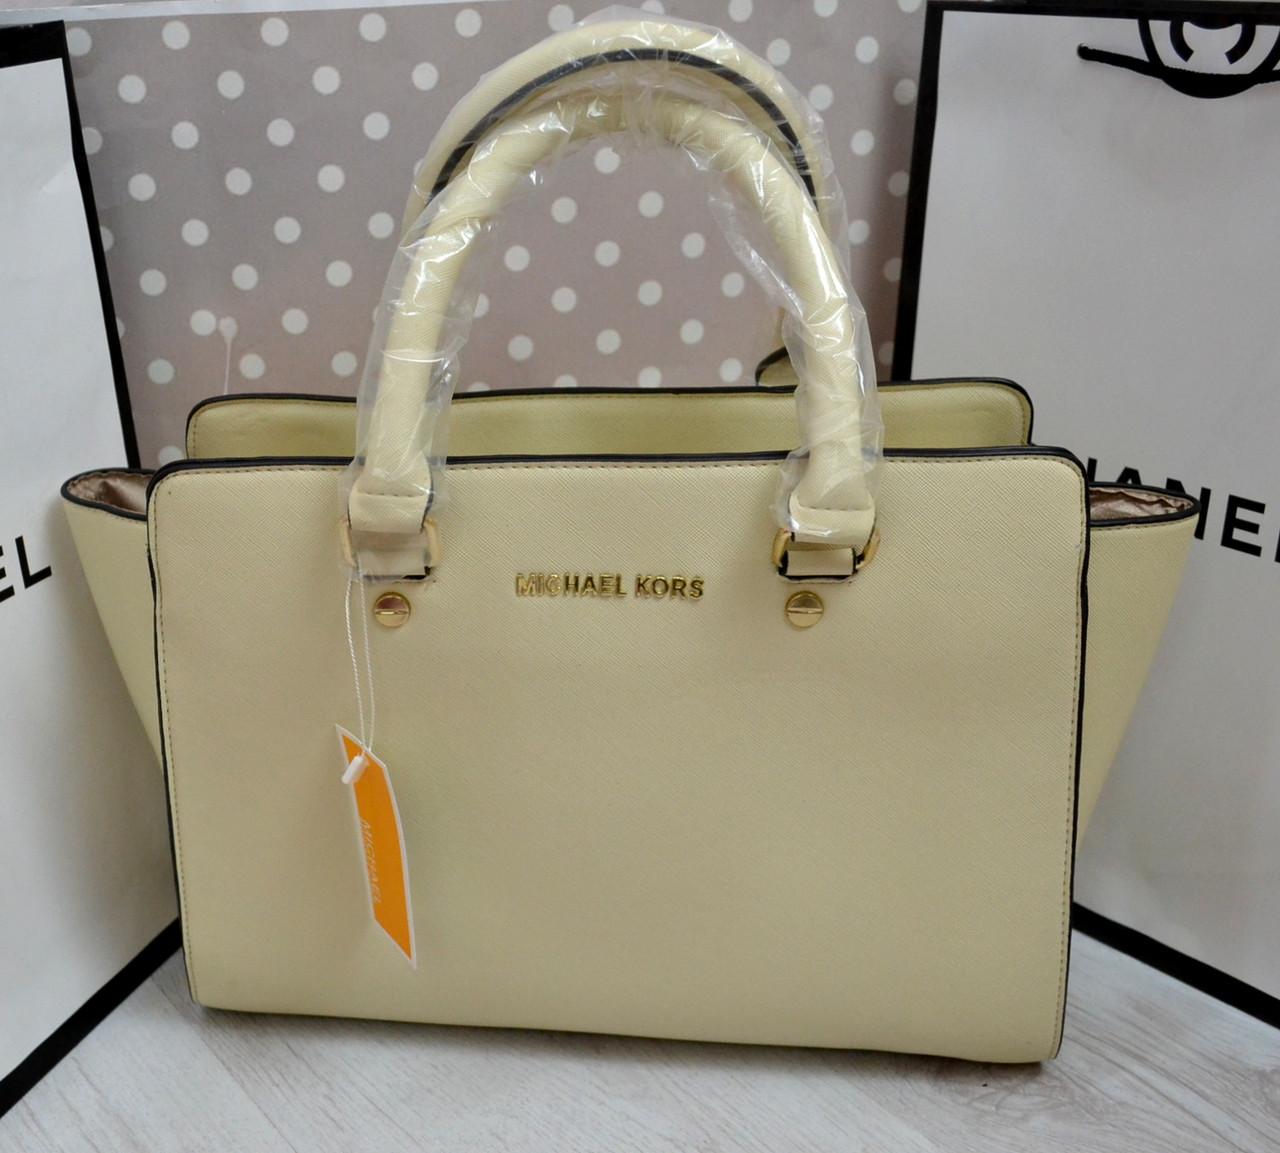 77d3cb690f28 Сумка Майкл Корс MICHAEL KORS SELMA - ЧЕМОДАНЧИК - самые красивые сумочки  по самой приятной цене